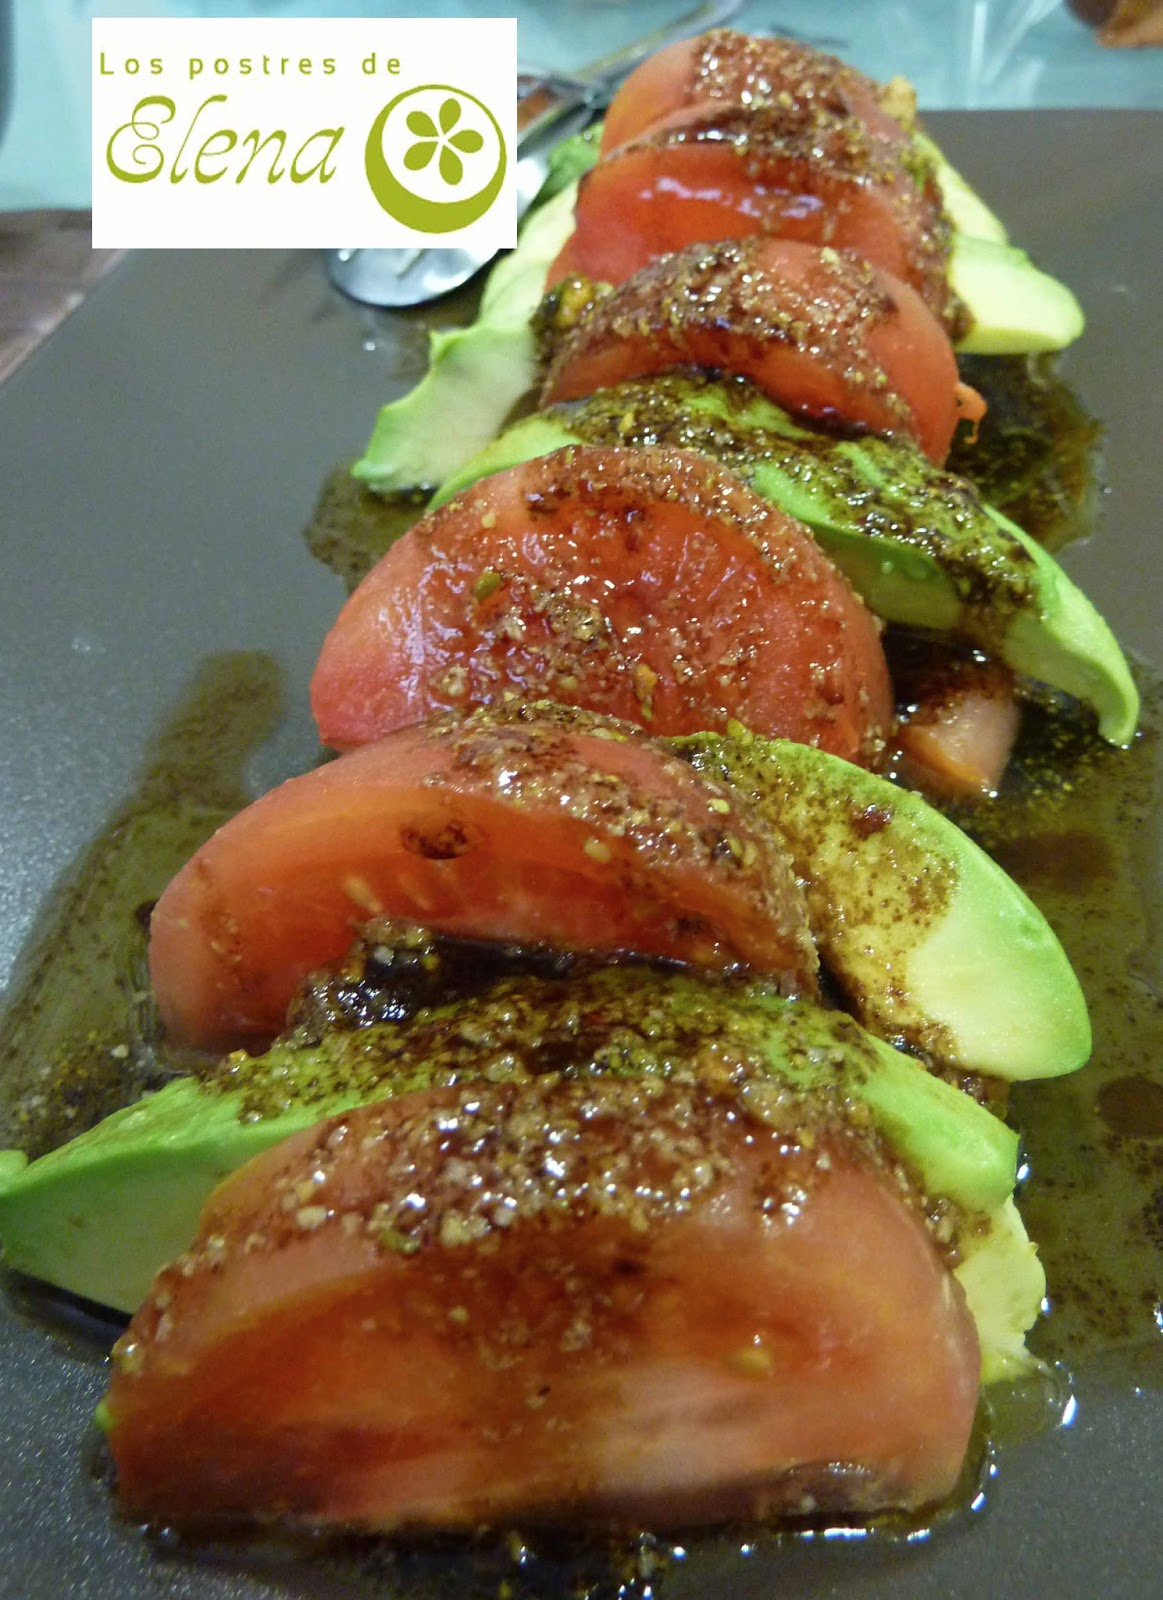 Los postres de elena ensalada de salm n y aguacate con vinagreta de frutos secos - Ensalada con salmon y aguacate ...